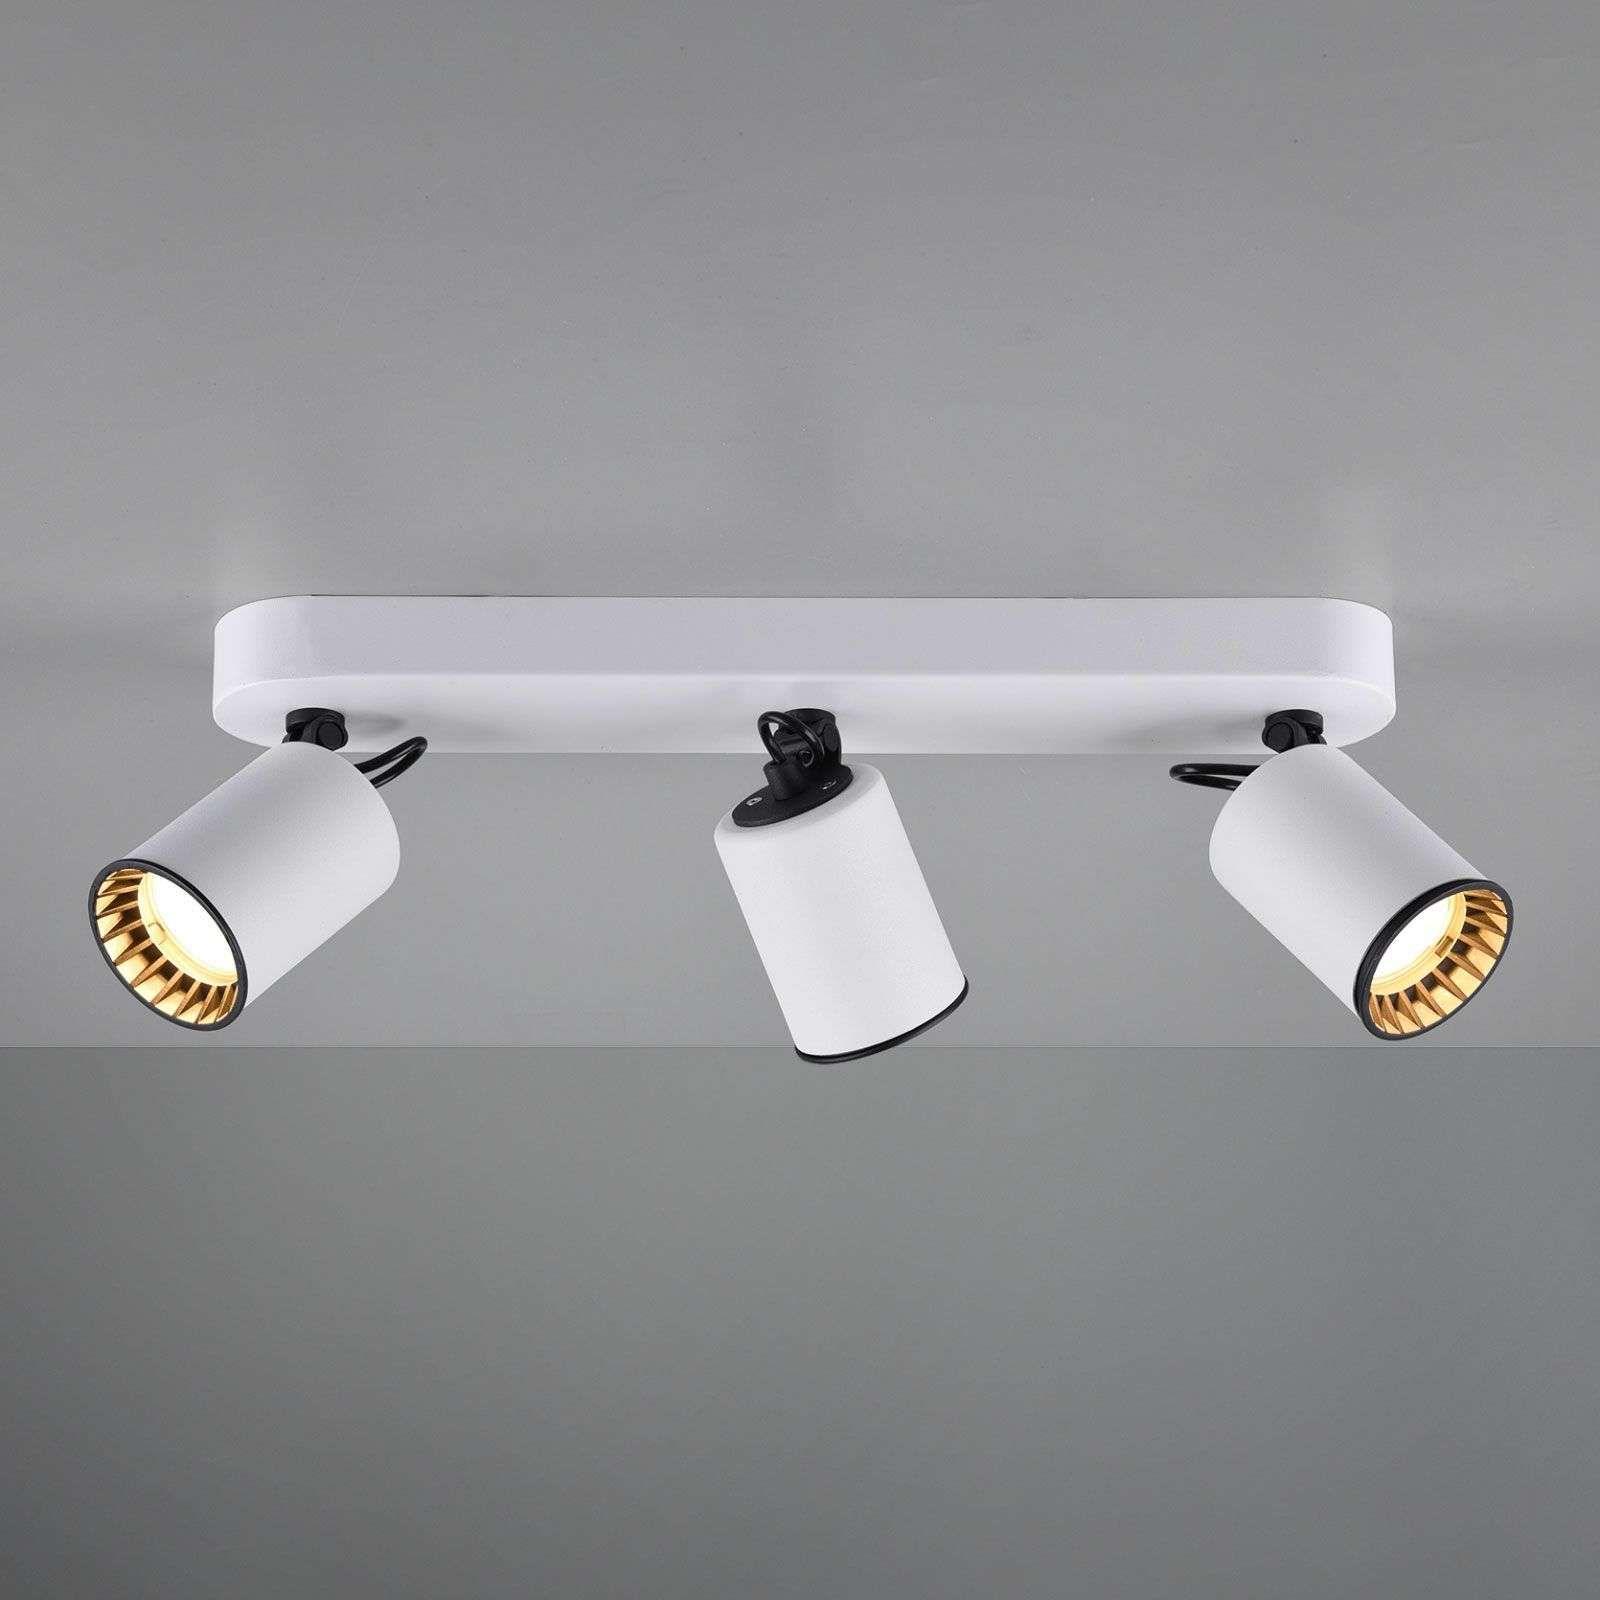 Spot Pour Plafond Pago A 3 Lampes Blanc De Trio Lighting En 2020 Spot Plafond Lamp Plafond